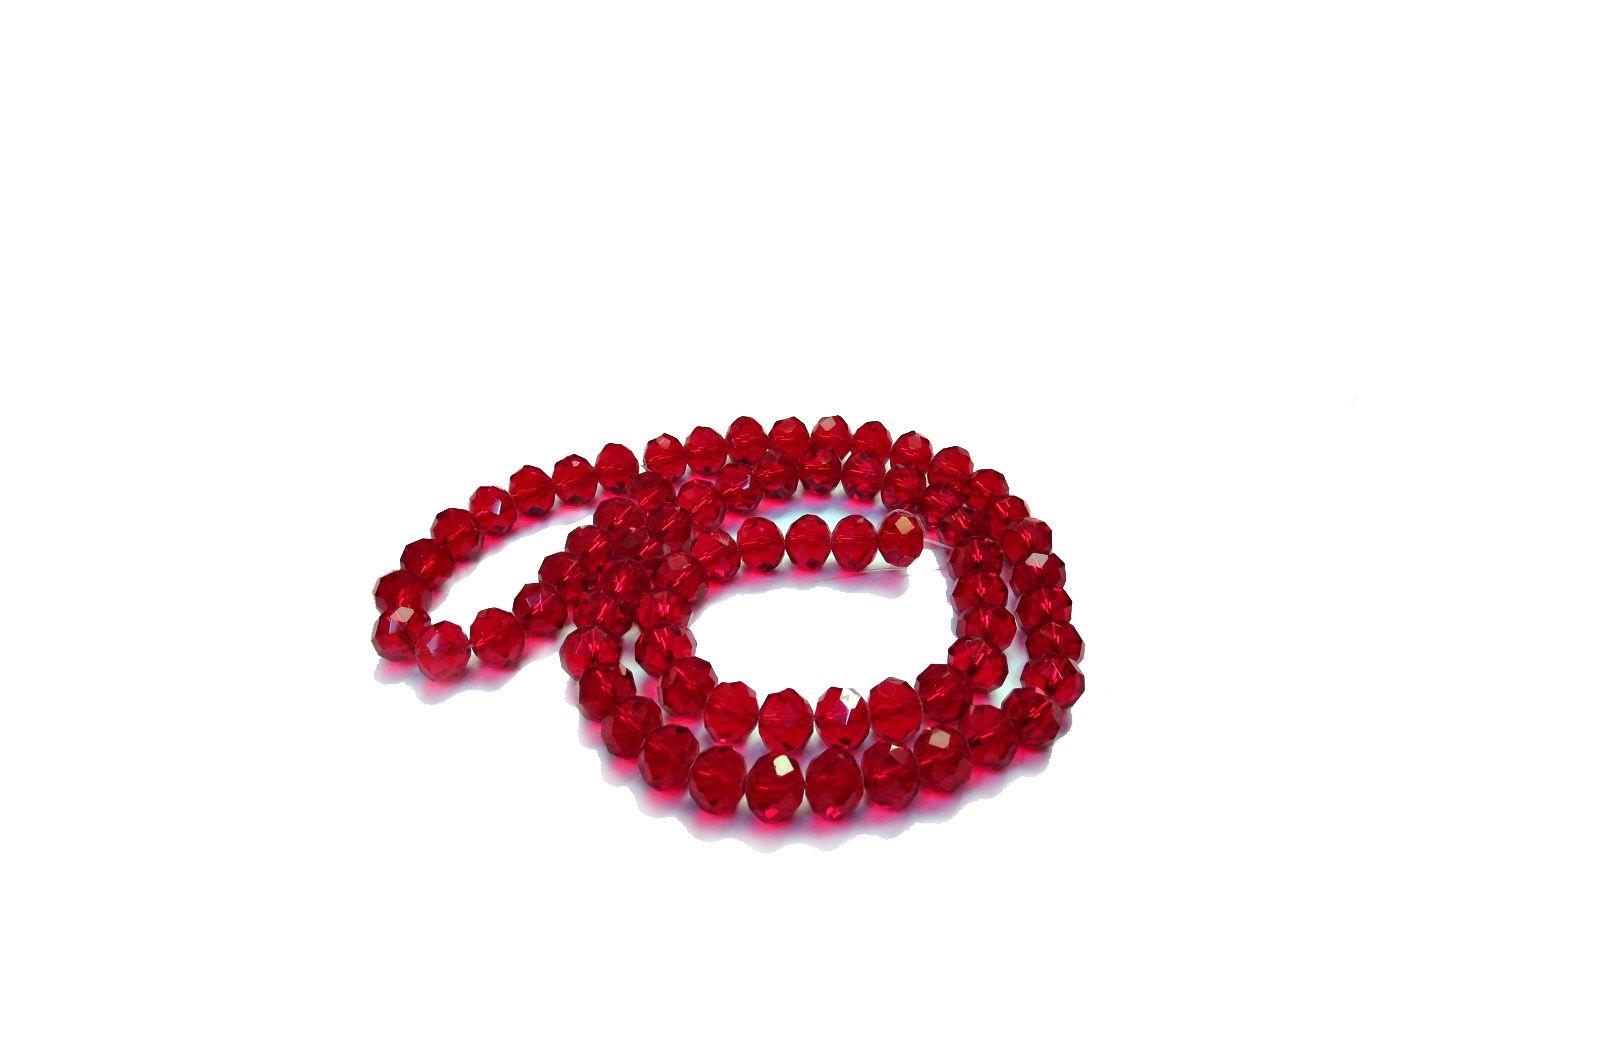 Vermelho Escuro Transparente Achatado (10 mm)